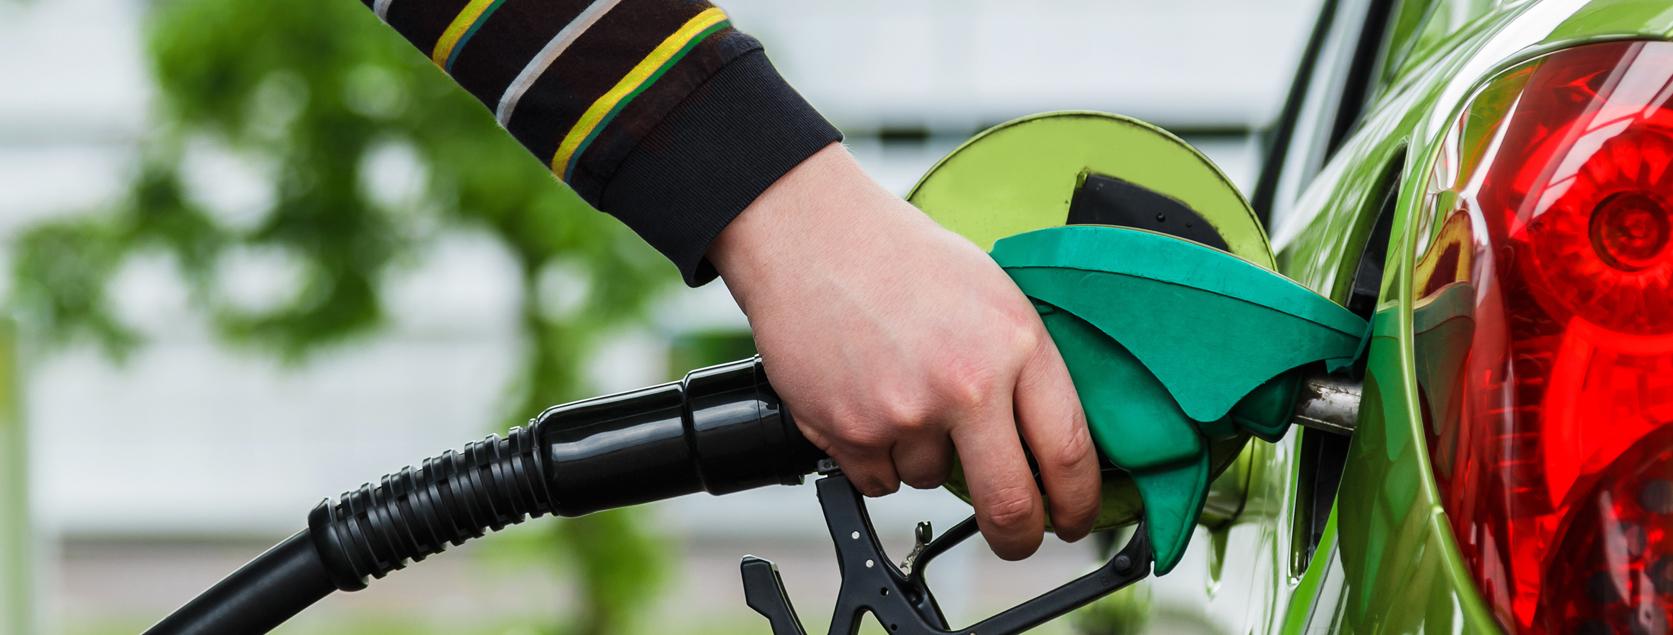 Gasolineras baratas: calidad del carburante